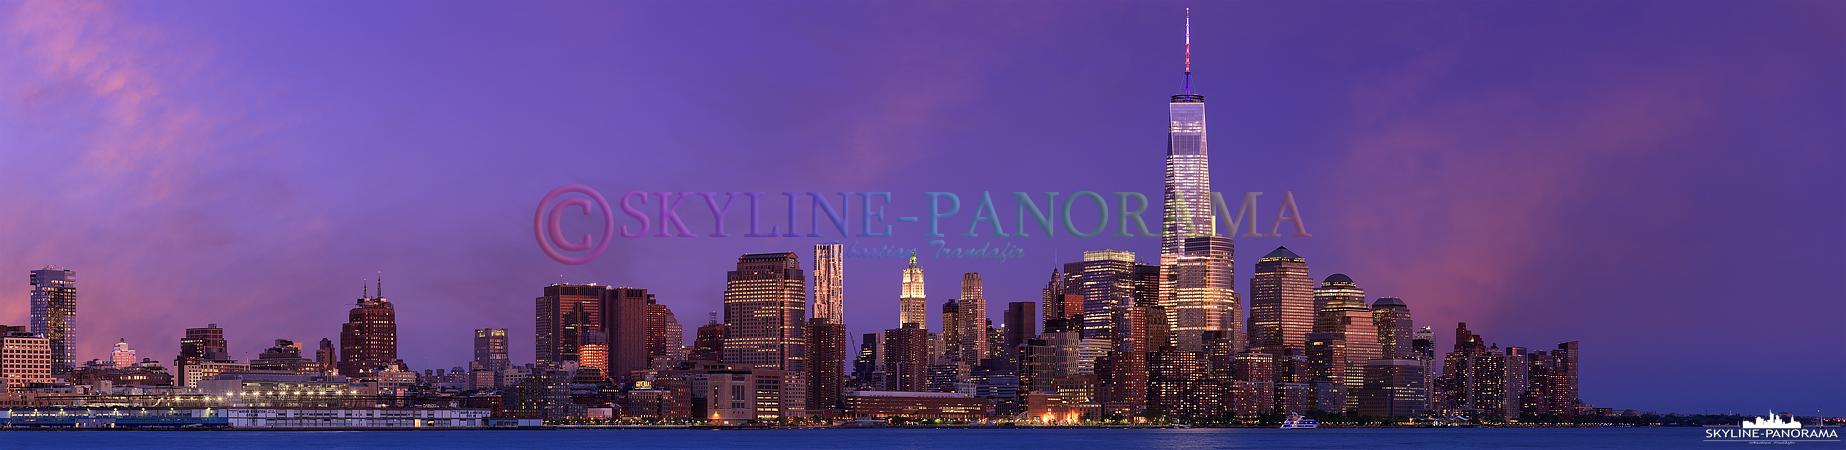 Panorama USA - Die New Yorker Skyline am Abend mit den hell erleuchteten Wolkenkratzern und dem alles überragenden One World Trade Center 1, dessen Antenne zu diesem Zeitpunkt in den US Nationalfarben Weiß-Rot-Blau angeleuchtet wurde.